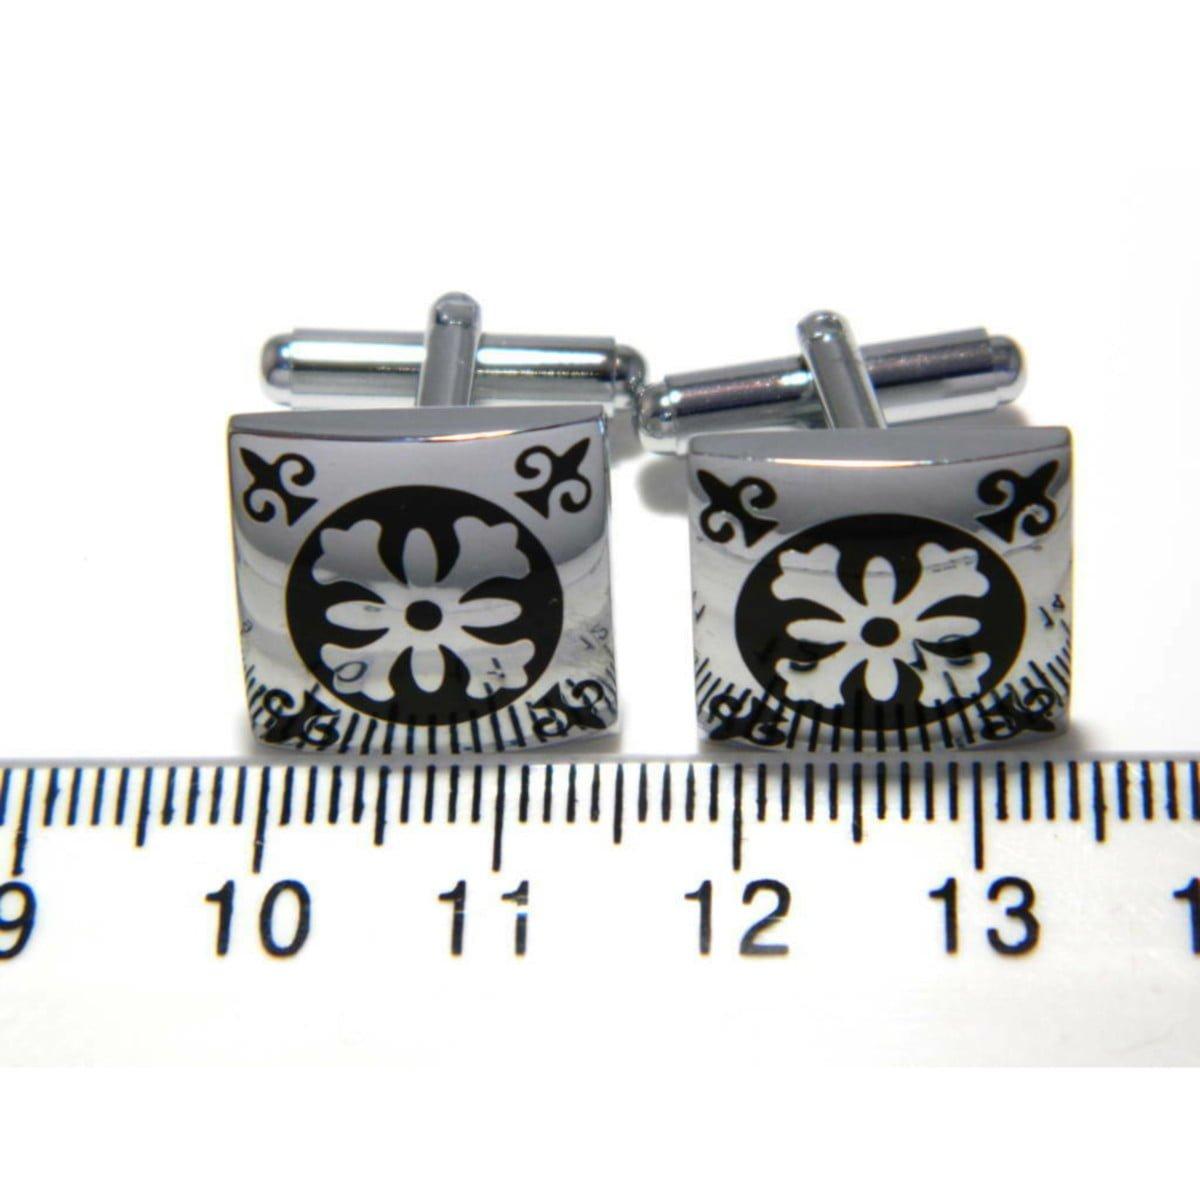 Cufflink set silver plated ruler